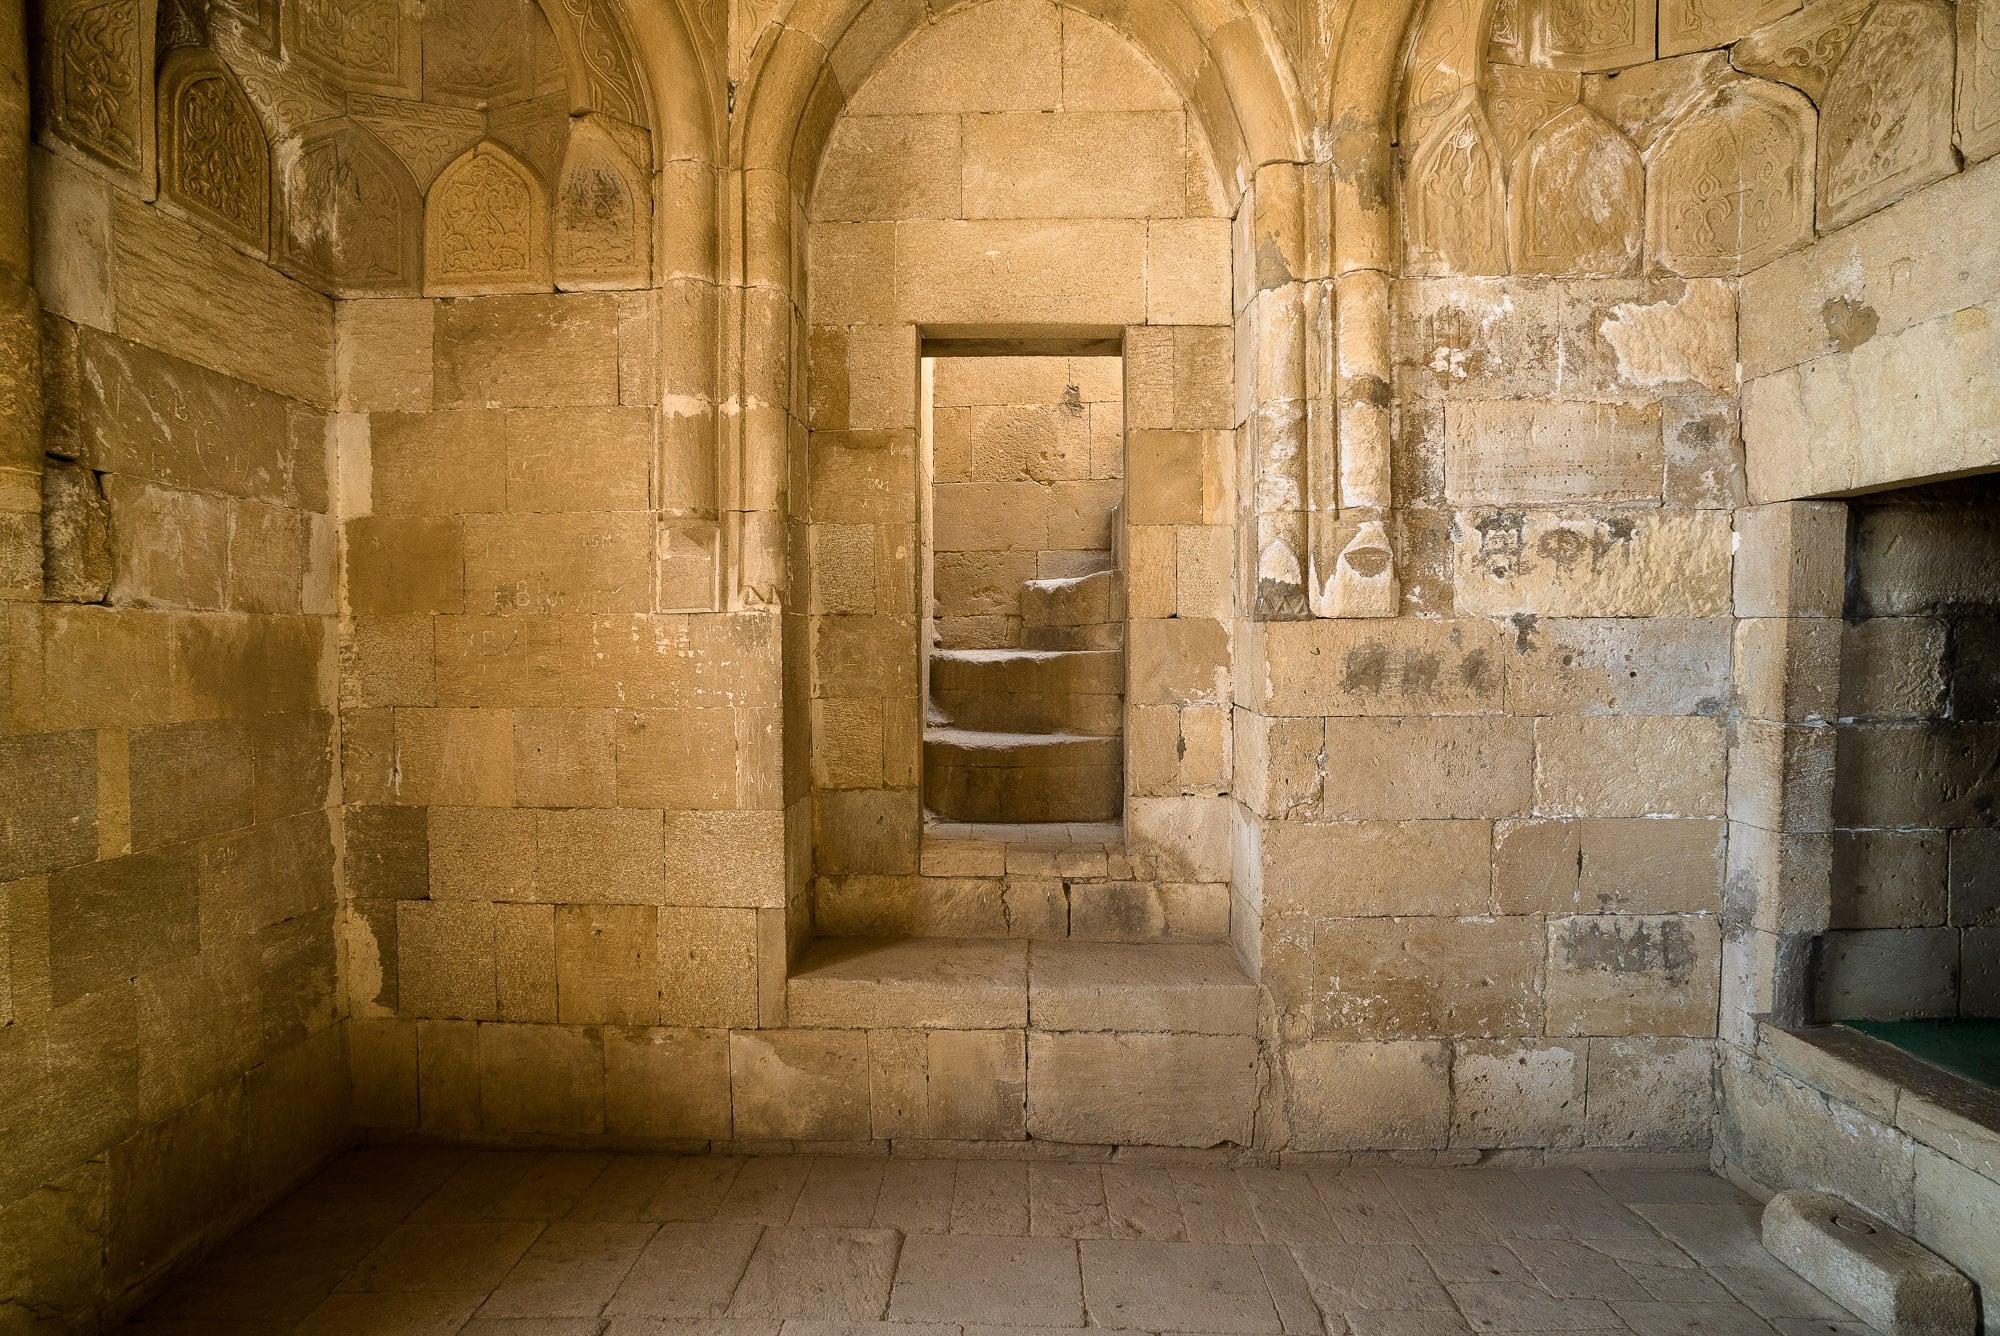 stairway of Diri Baba Turbesi